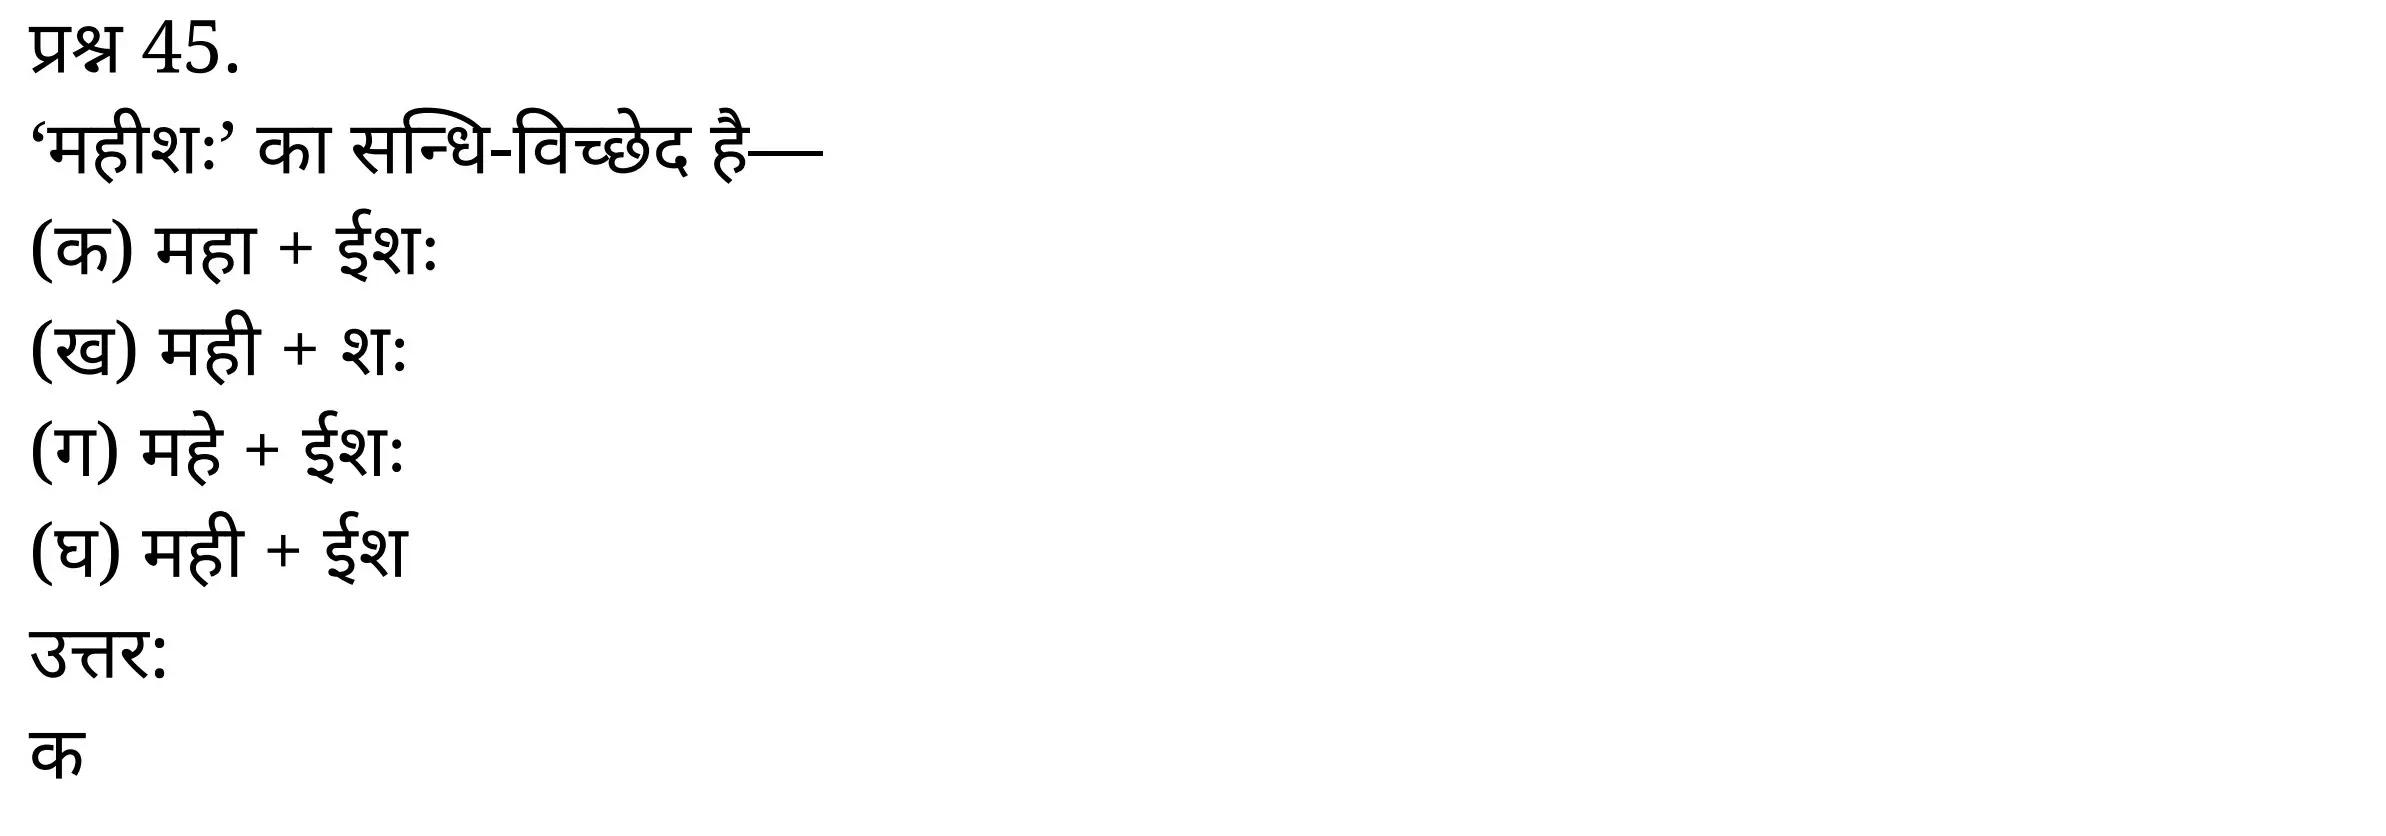 """यूपी बोर्ड एनसीईआरटी समाधान """"कक्षा 11 सामान्य  हिंदी"""" सन्धि-प्रकरण  हिंदी में"""